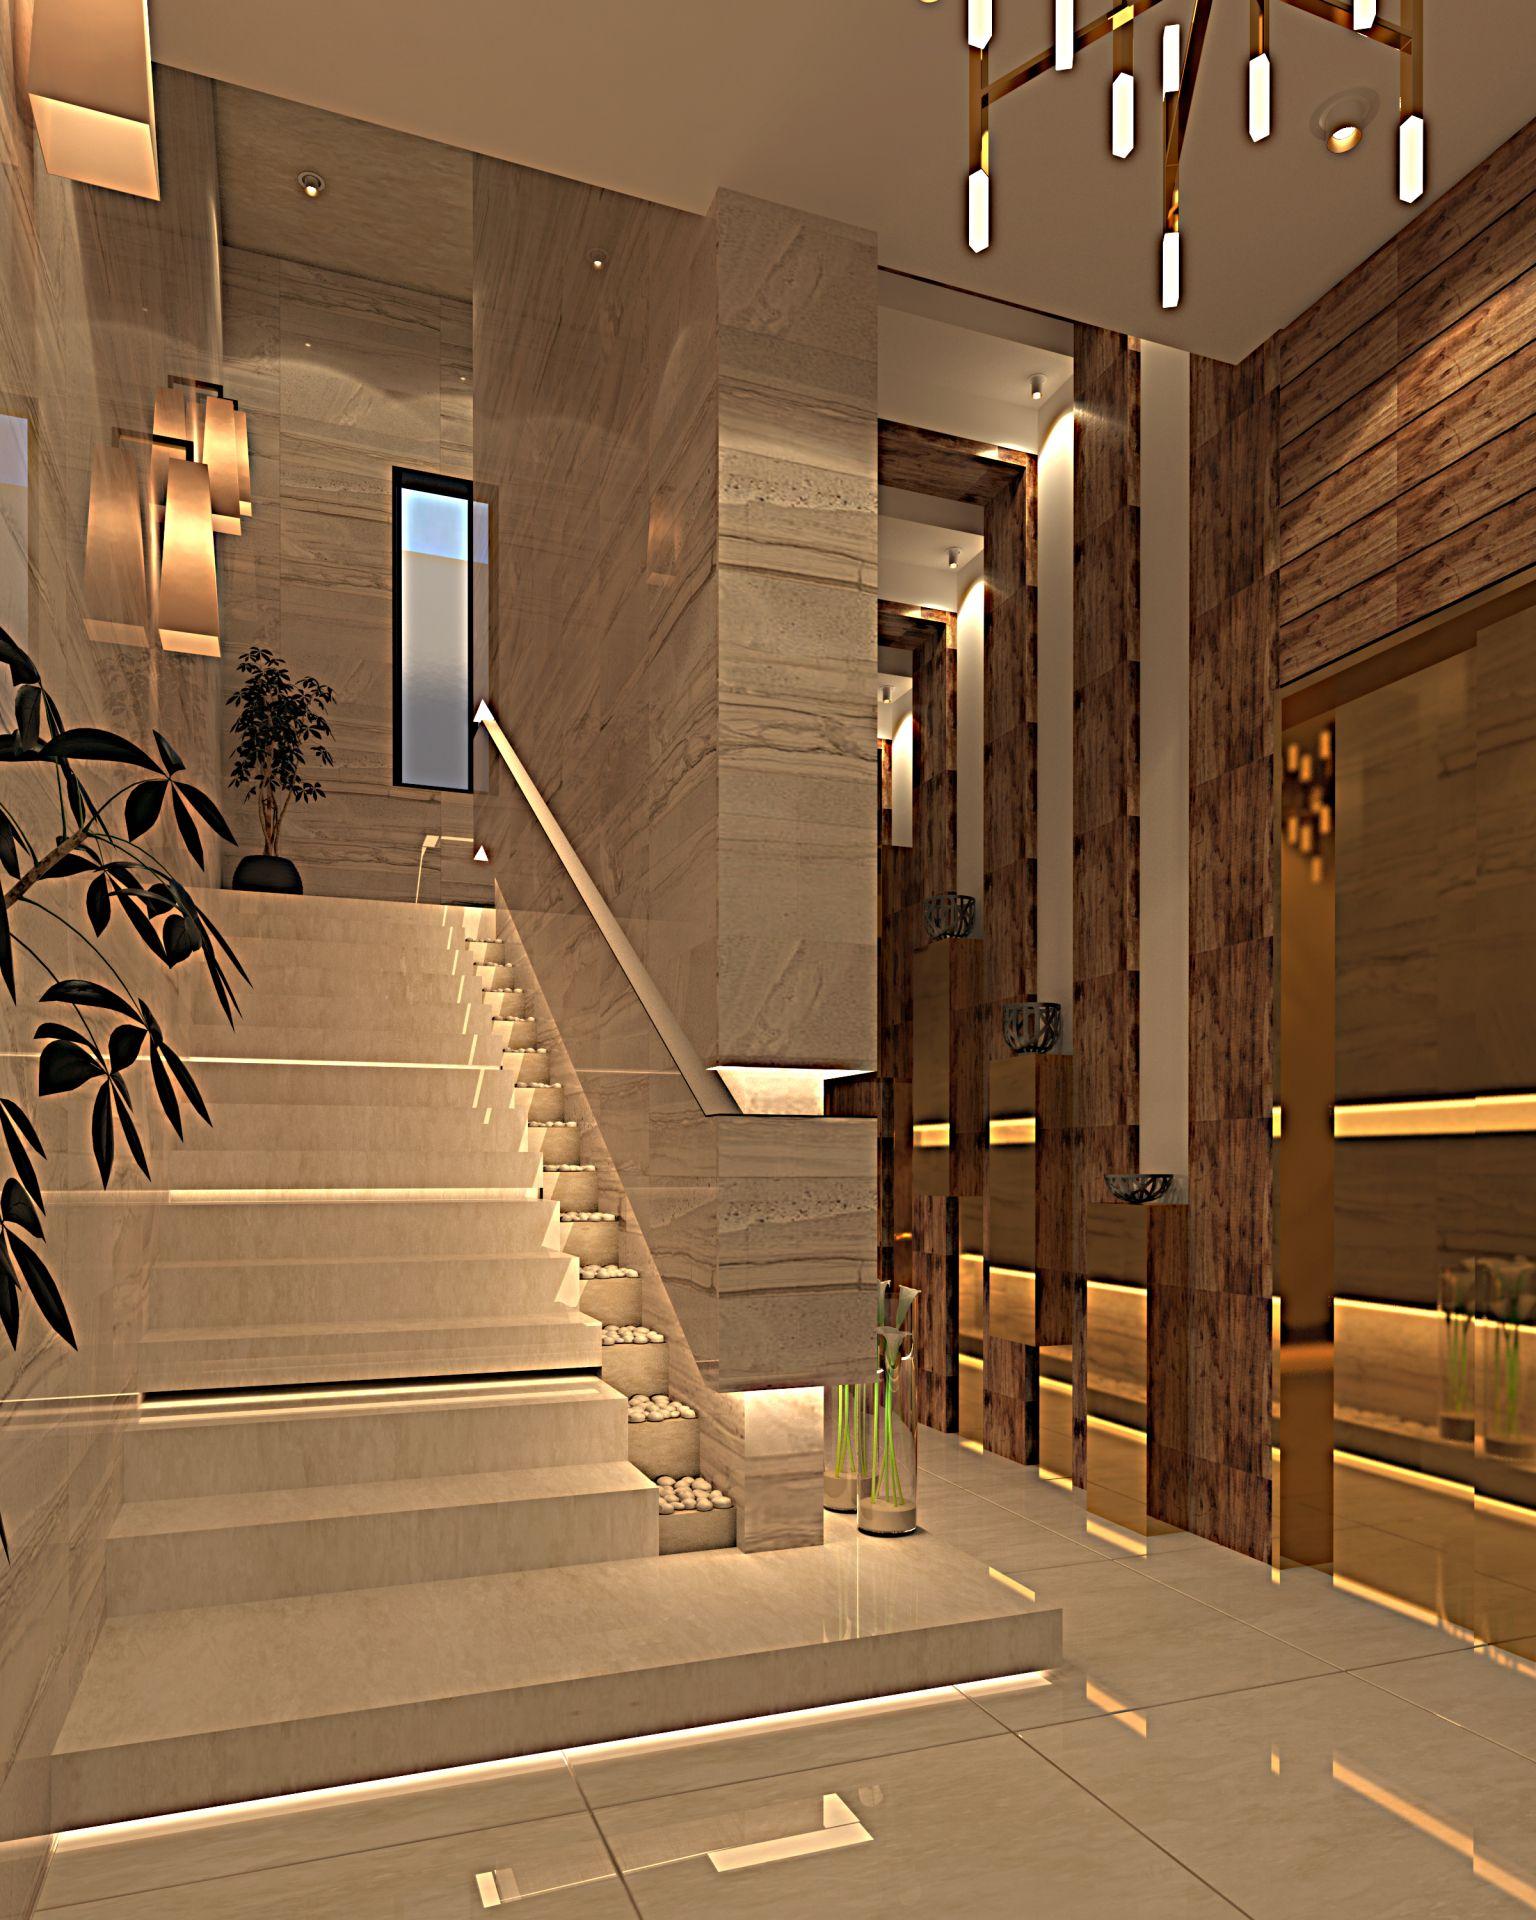 Home Decoration Design Minimalist Interior Design Staircase: The Comeback Of Brass – INVERSE ARCHITECTURE